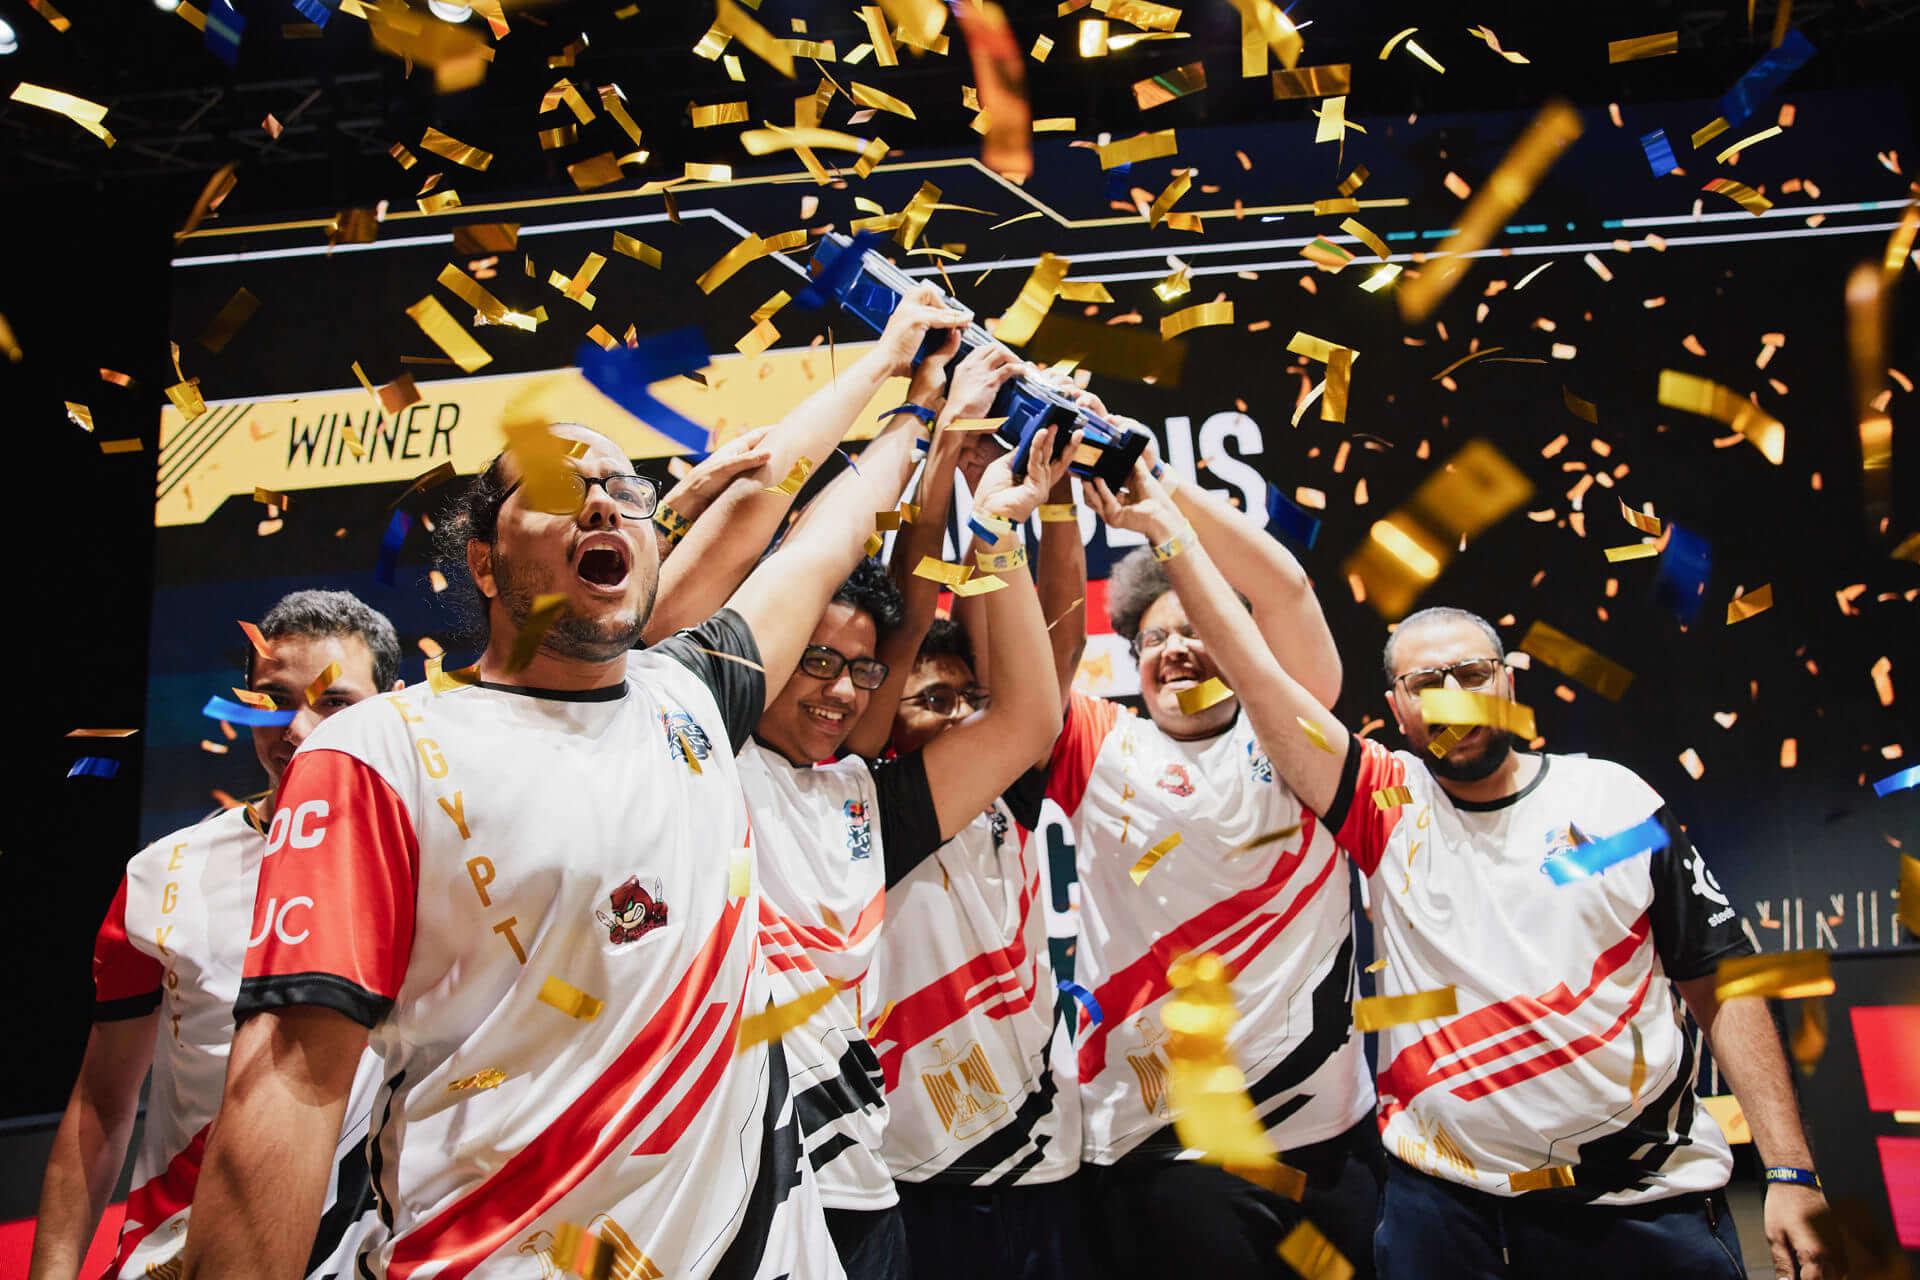 Red Bull Campus Clutch Şampiyonu Team Anubis oldu